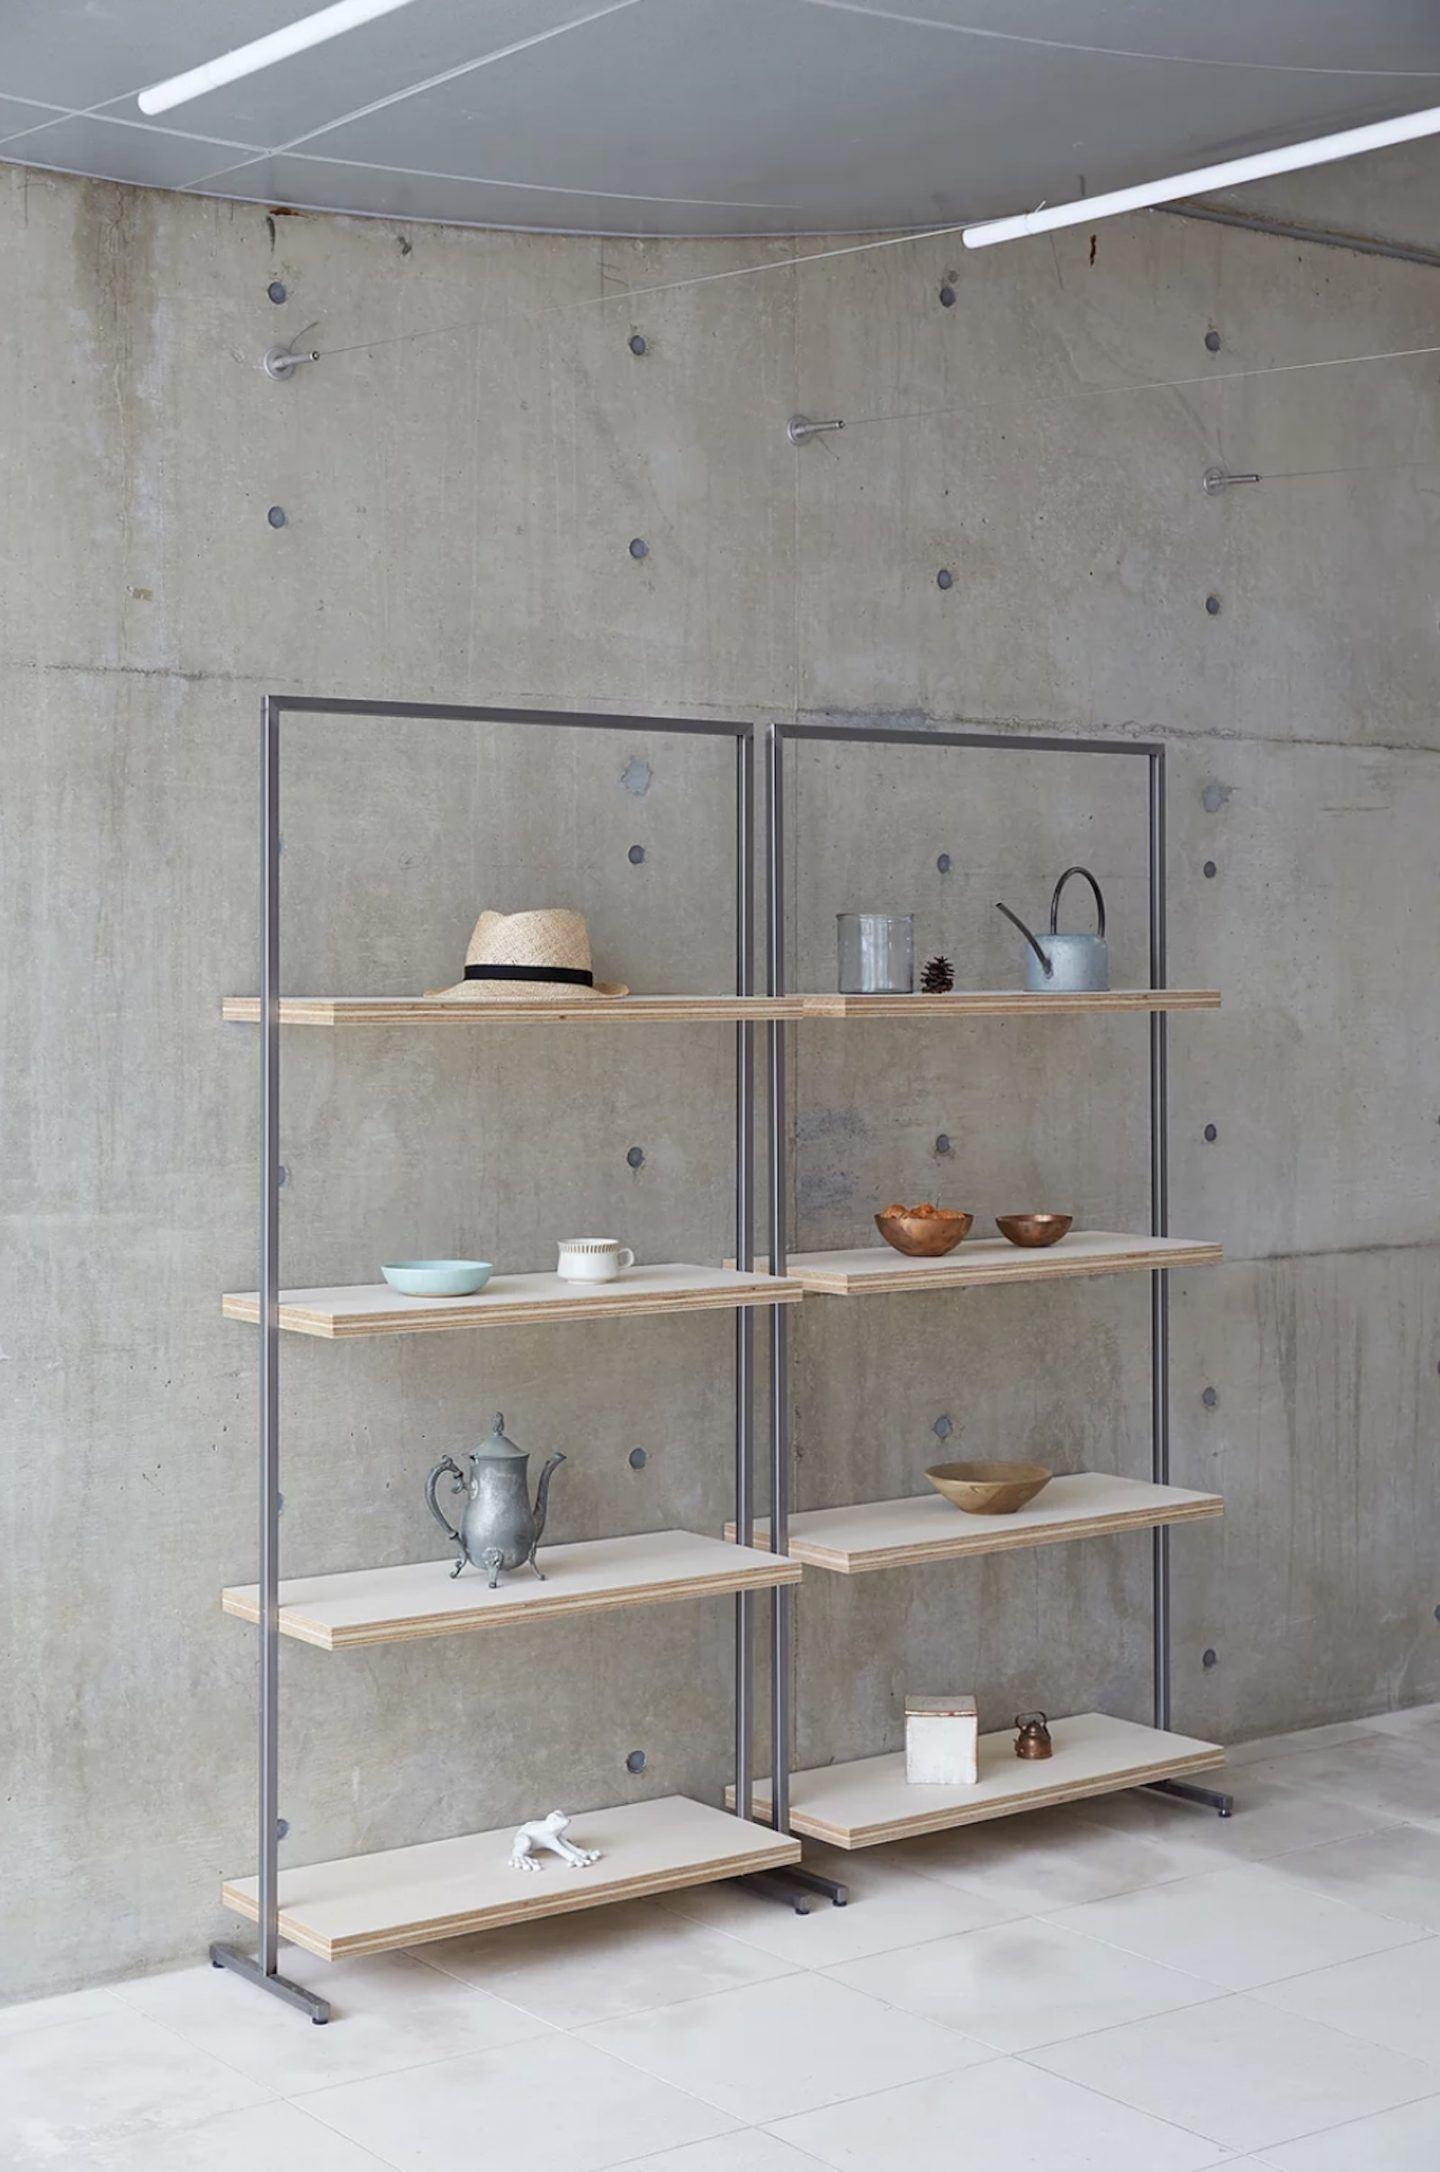 iGNANT-Architecture-Atelierco-Architects-La-Cienega-001